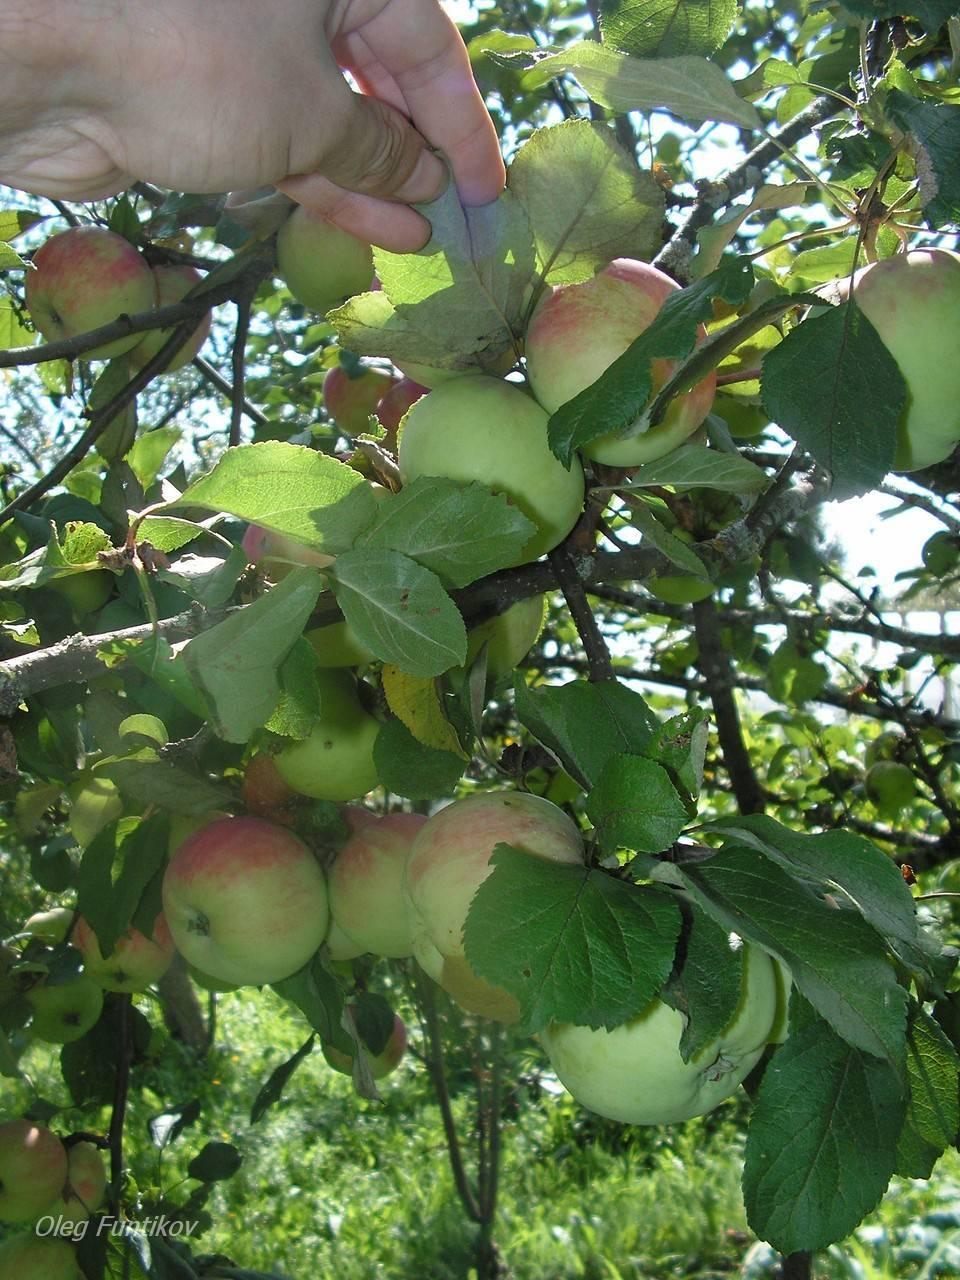 Яблоня десертное исаева: отзывы садоводов и описание сорта с фото